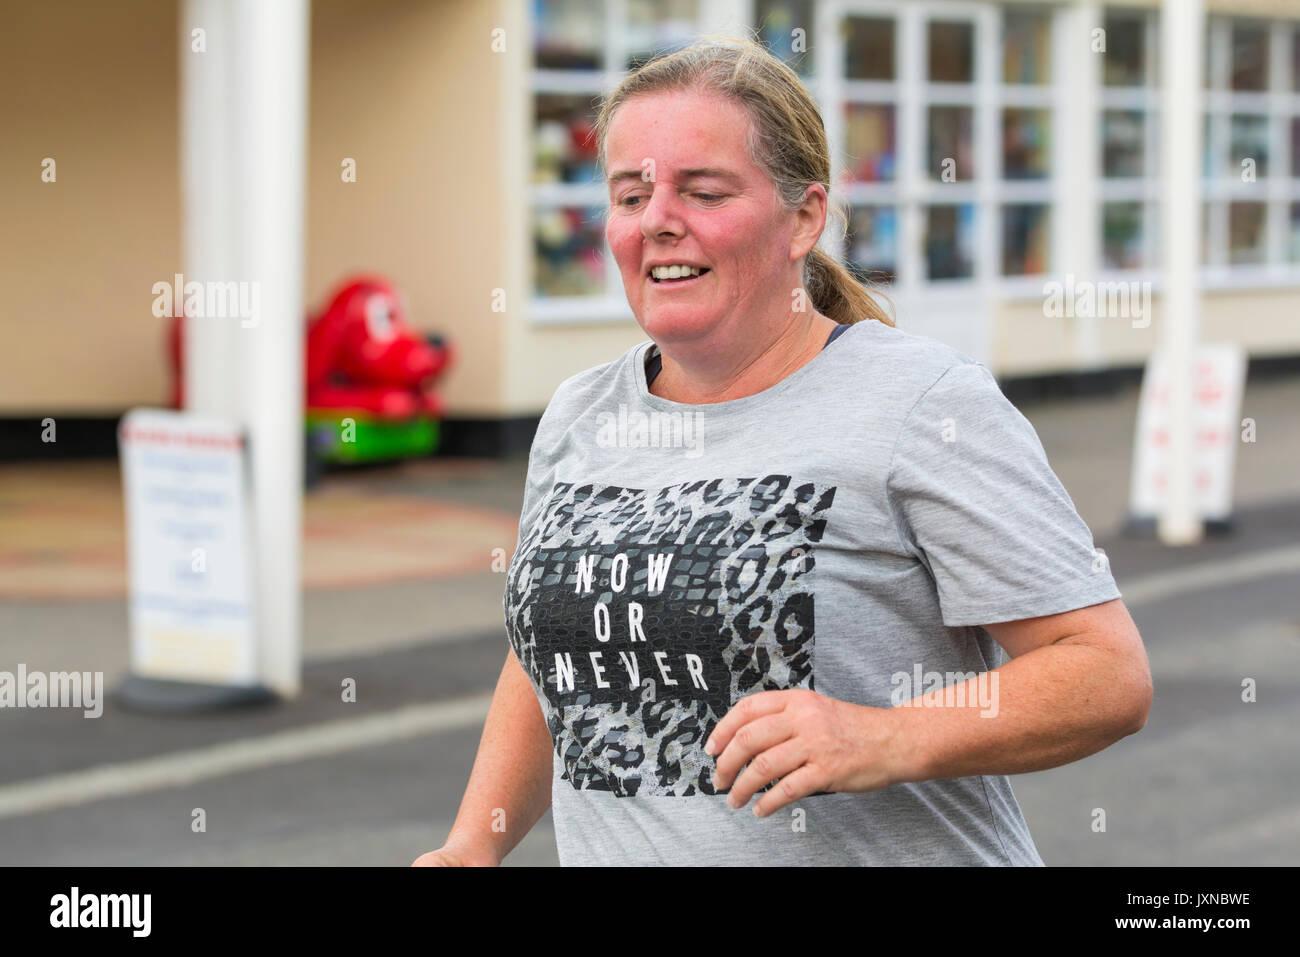 Femme d'âge moyen de l'embonpoint s'exécutant en tant que partie de plan pour perdre du poids et se mettre en forme, à la vitalité de l'événement Parkrun Worthing. Banque D'Images